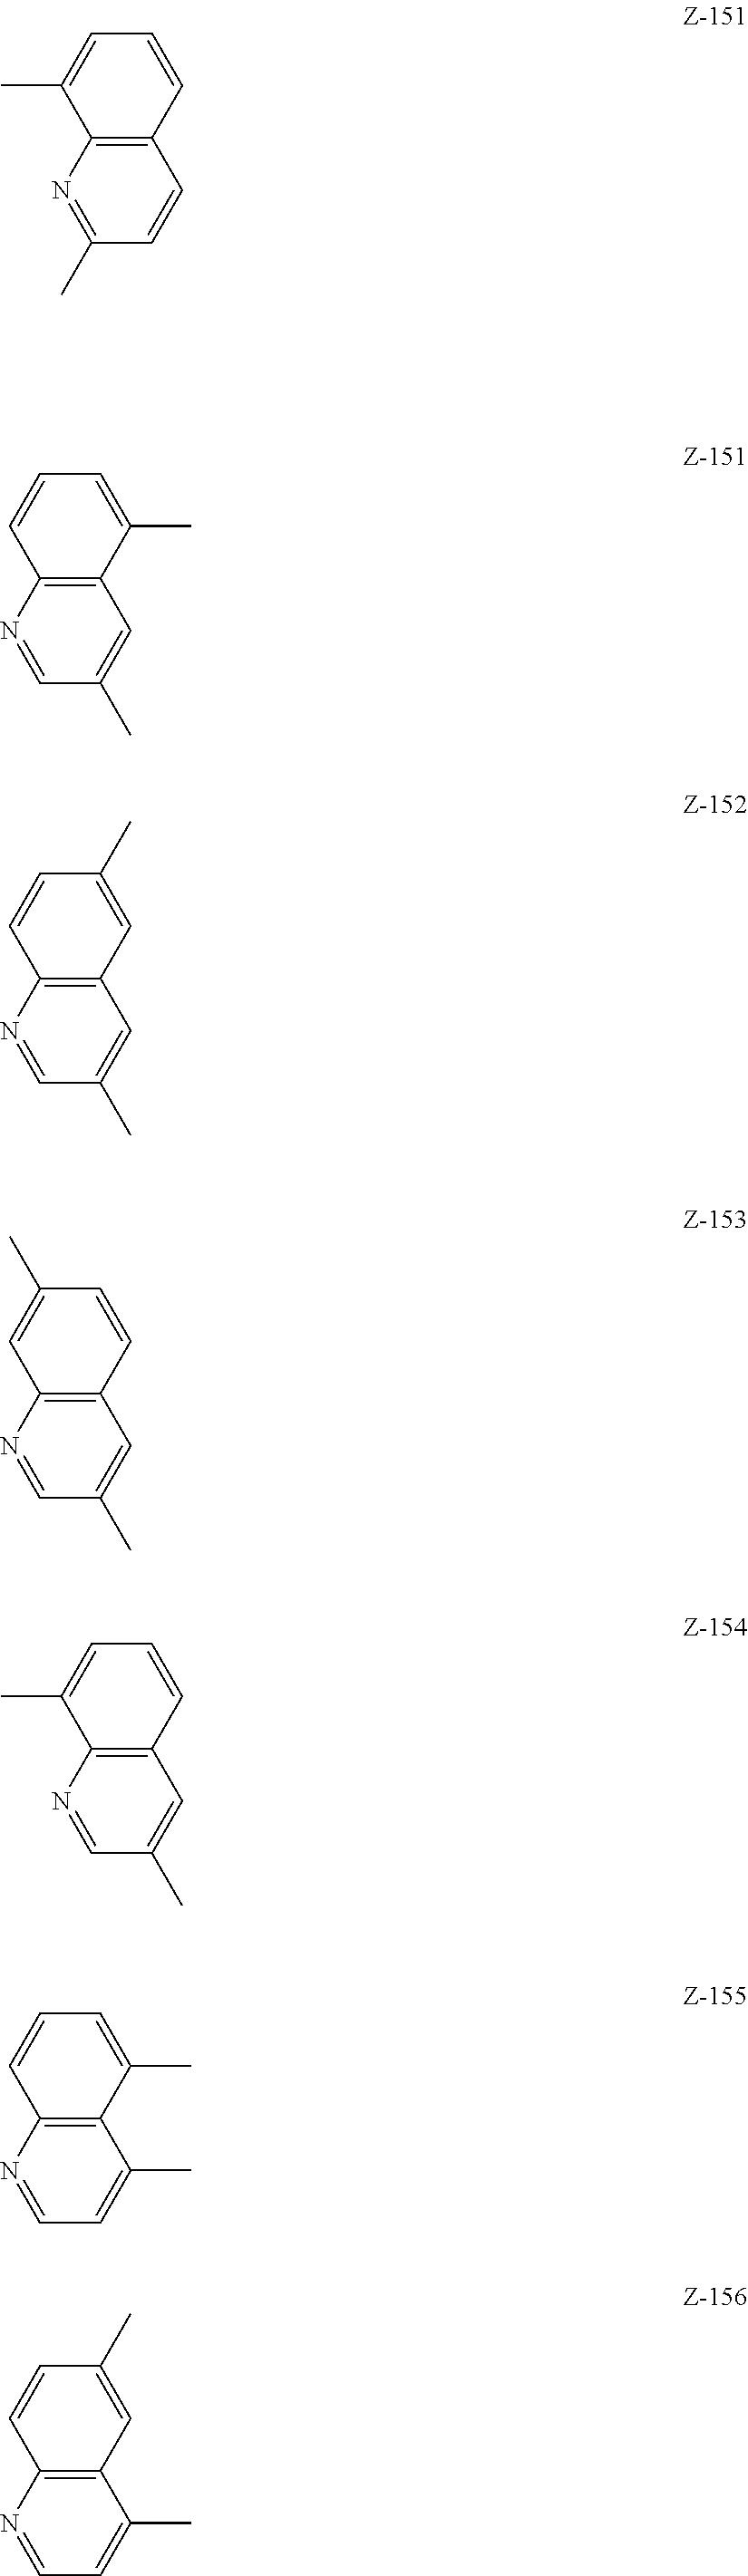 Figure US20110215312A1-20110908-C00048